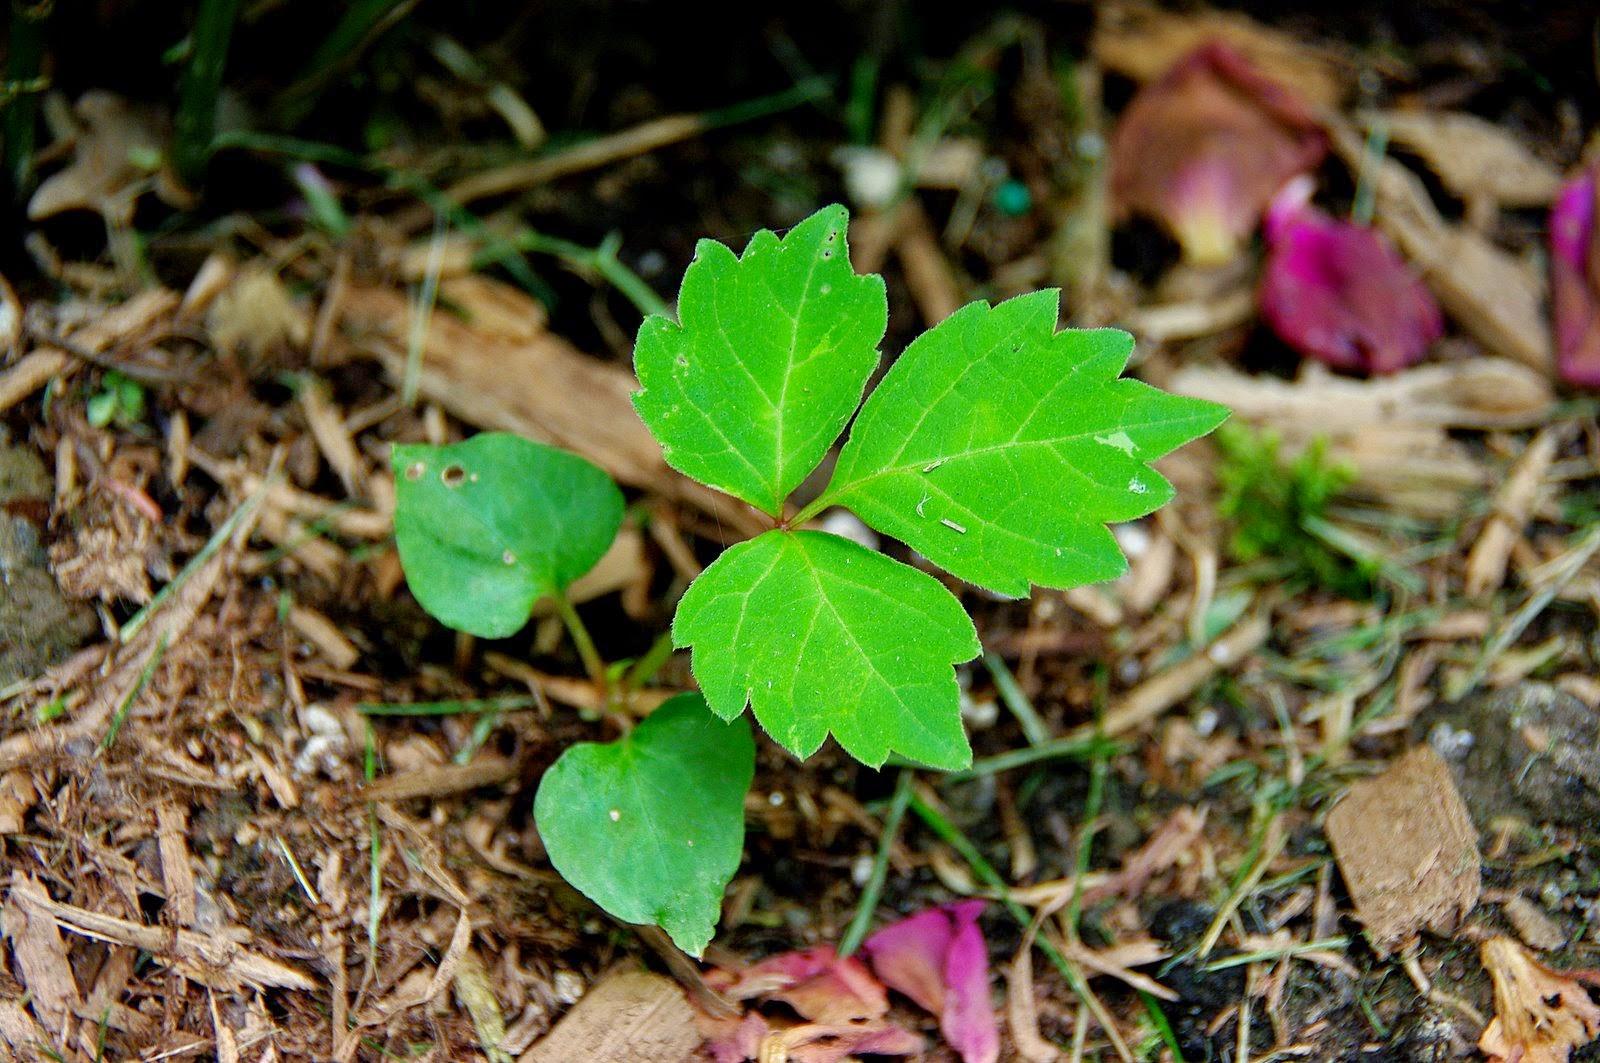 http://bog-archive.araska.org/labels/garden.html